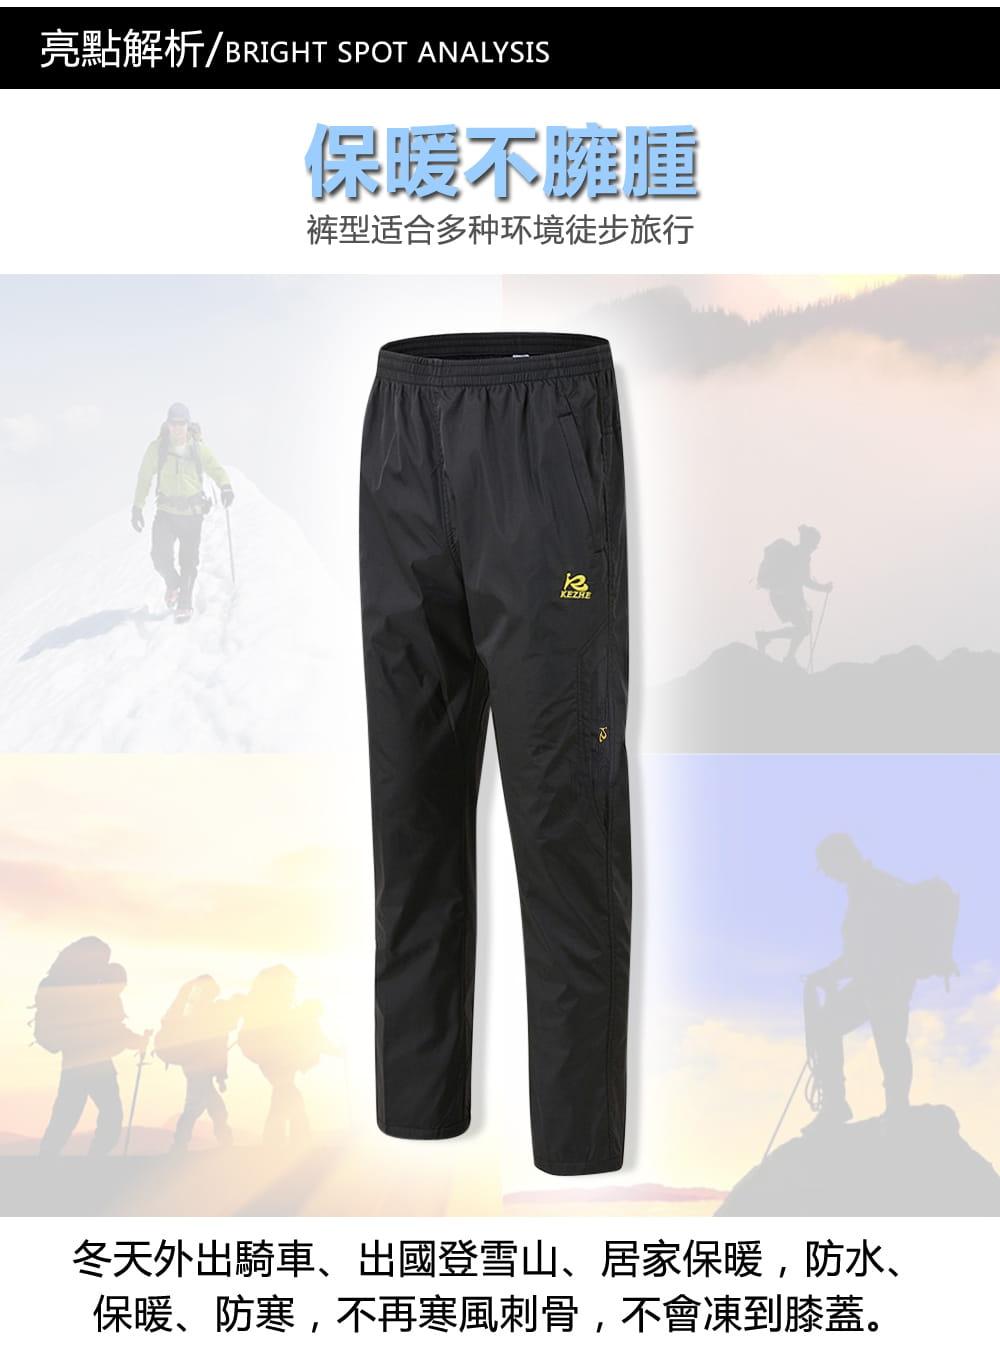 戶外防風防雨加厚加絨褲(3色) 7